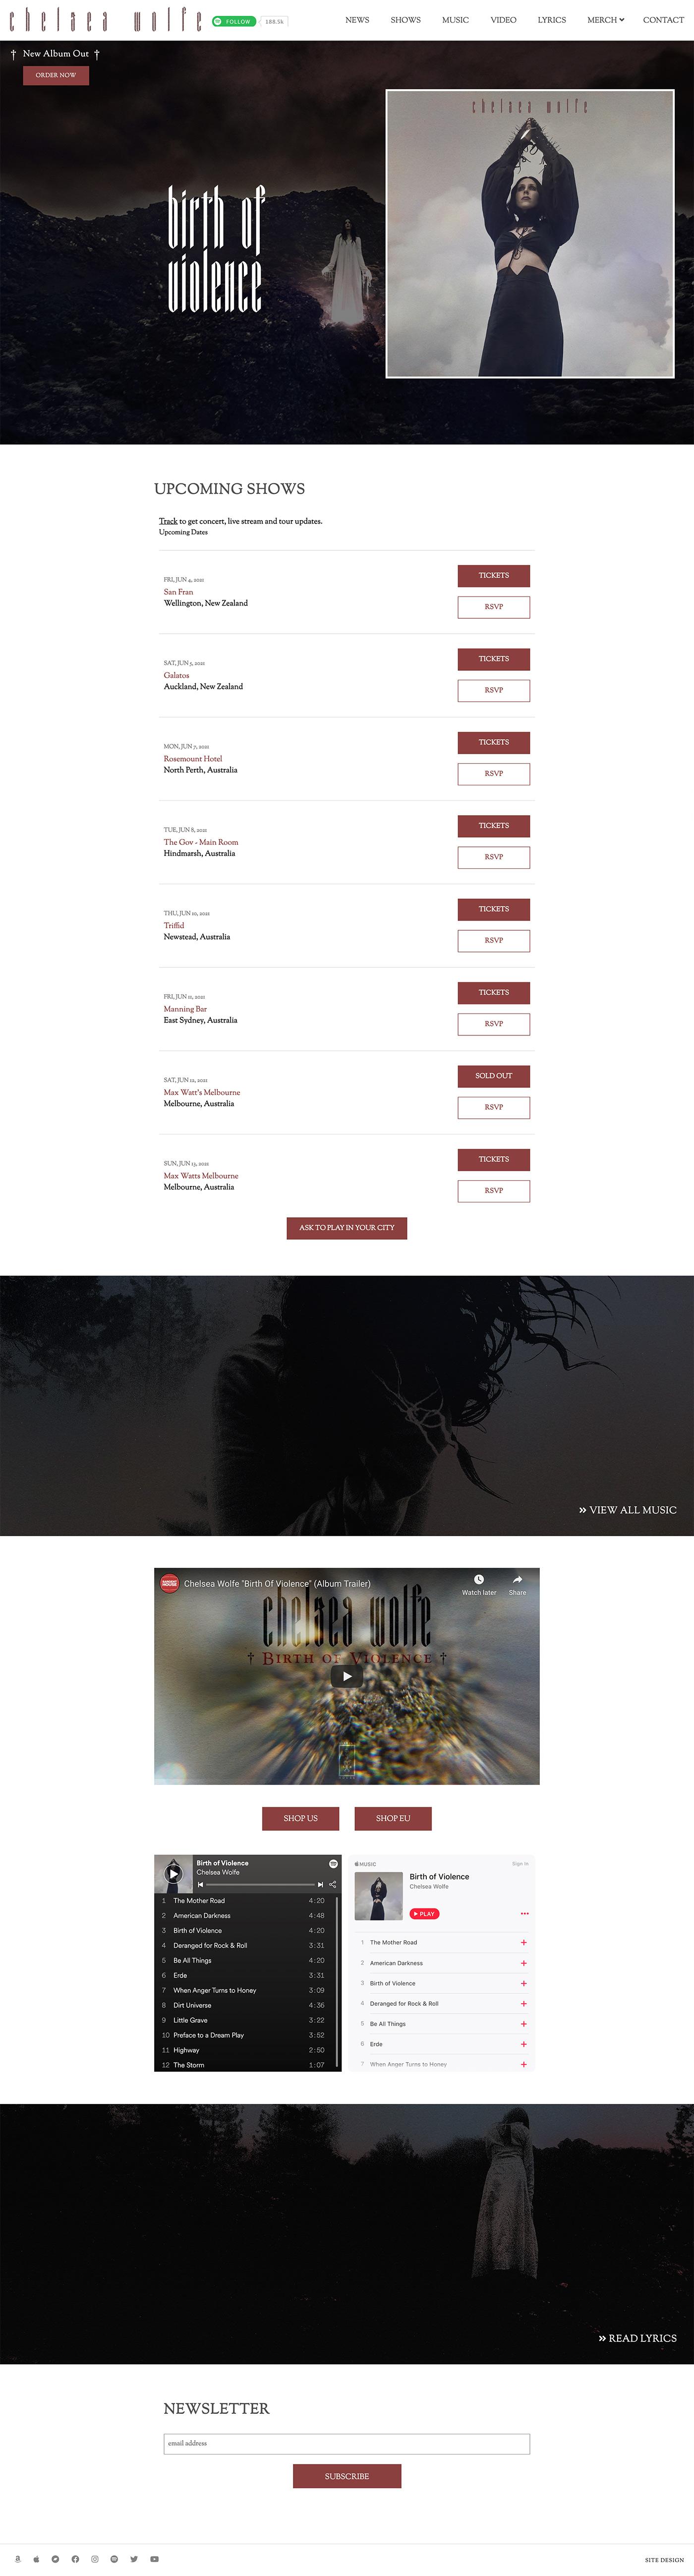 Jeremy Schuler - Web Design - Chelsea Wolfe - 2019